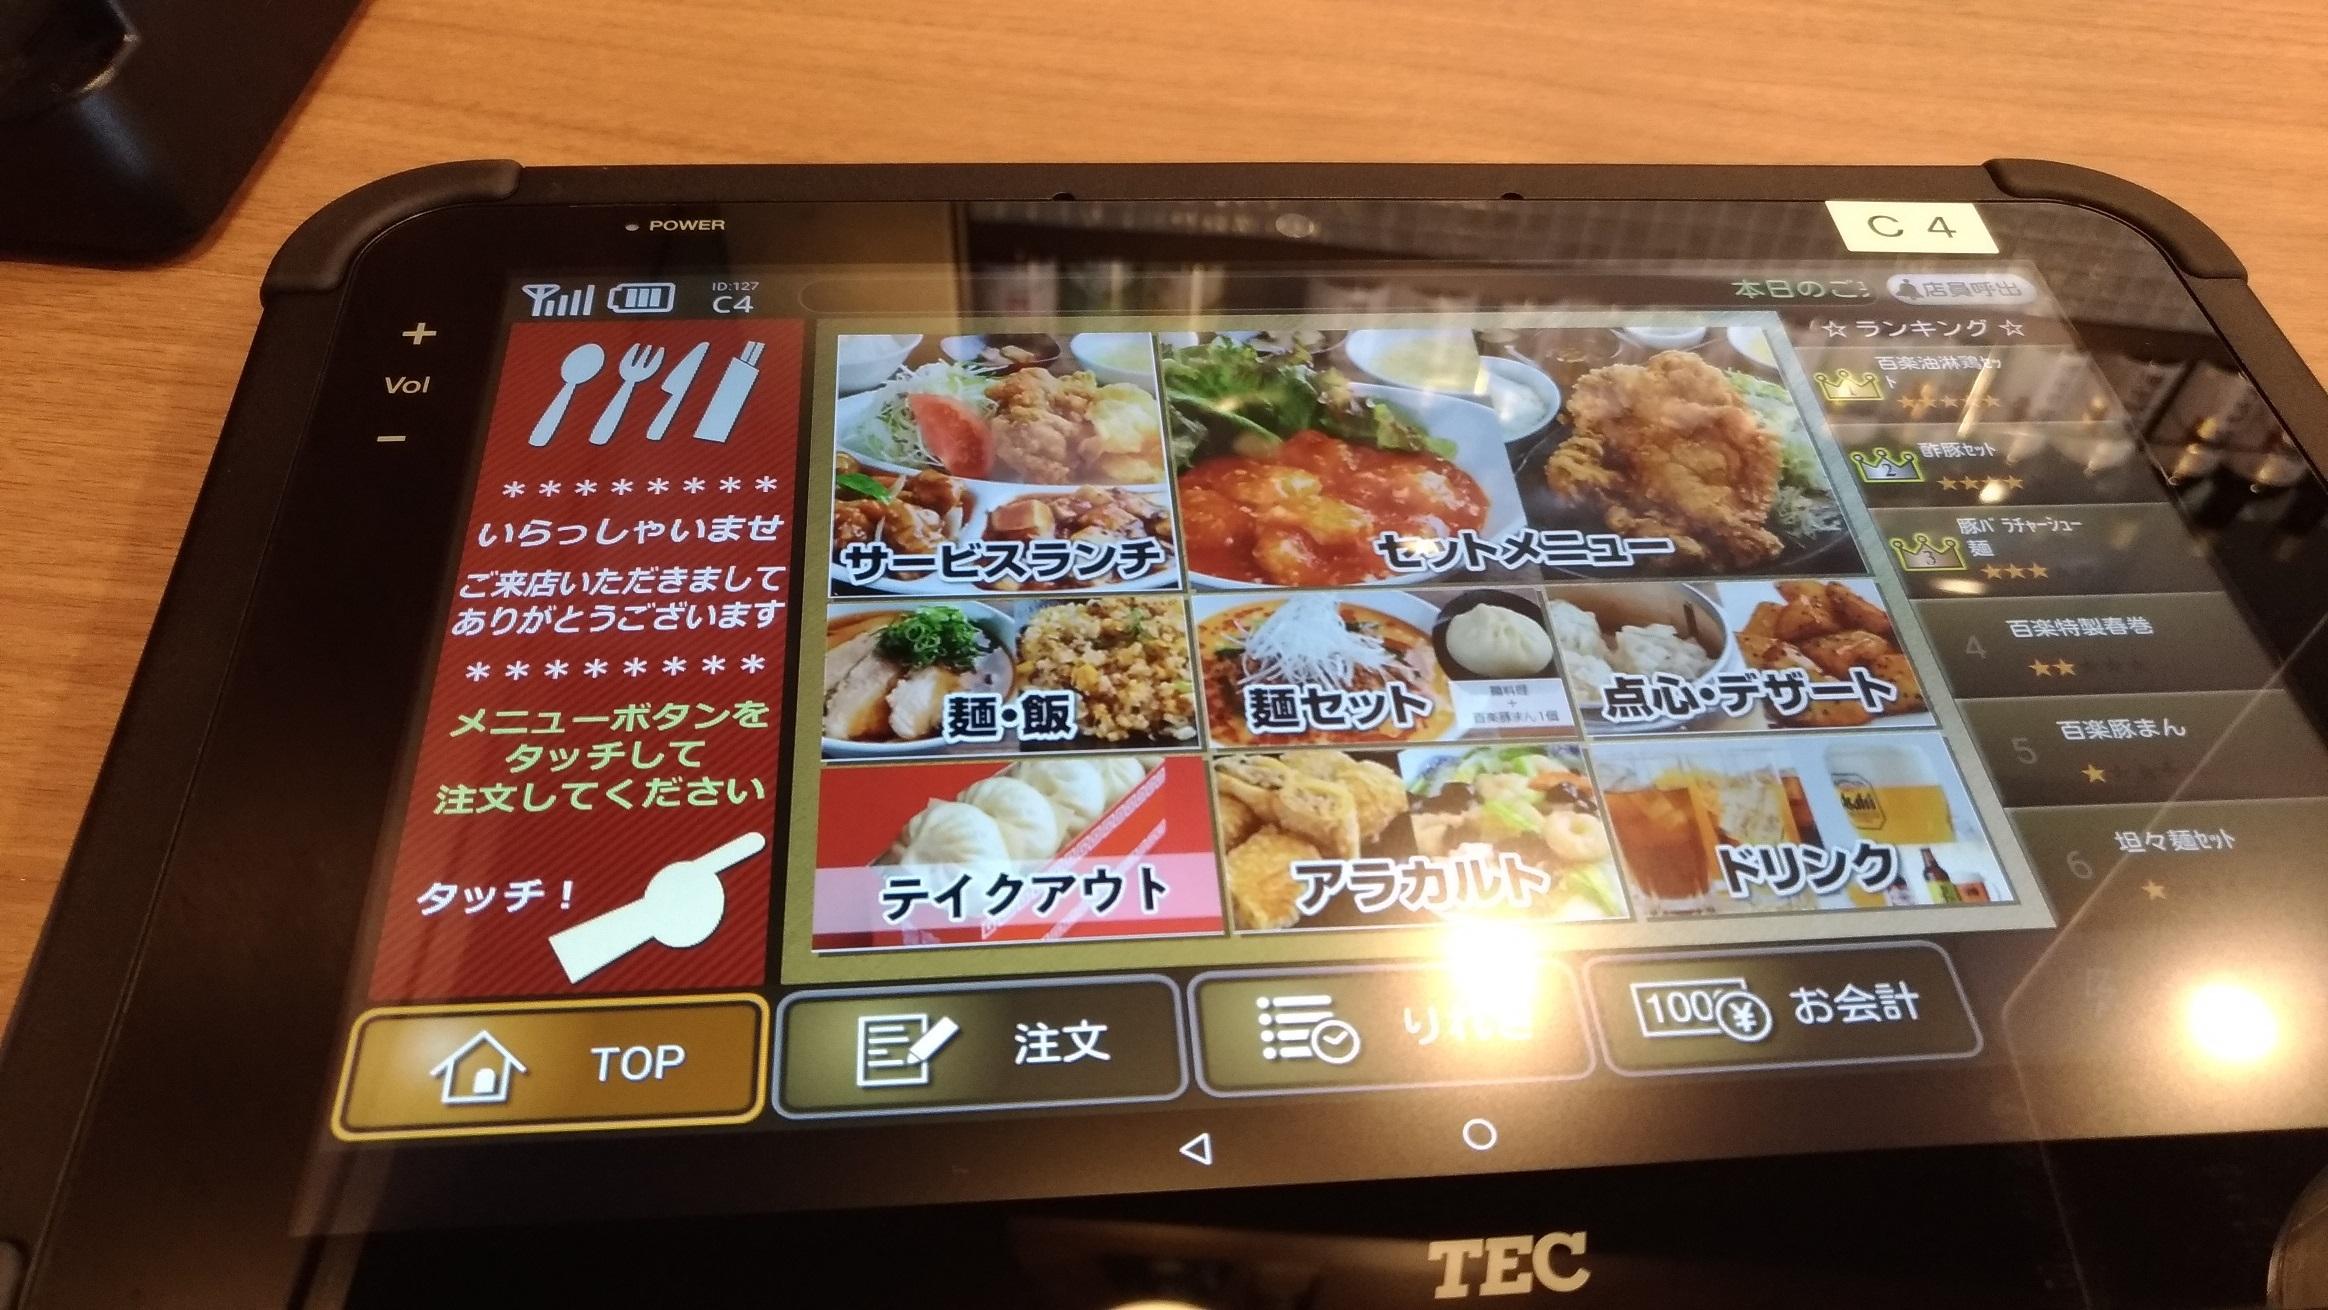 lunch_osaka_abeno_omori_08_3.jpg